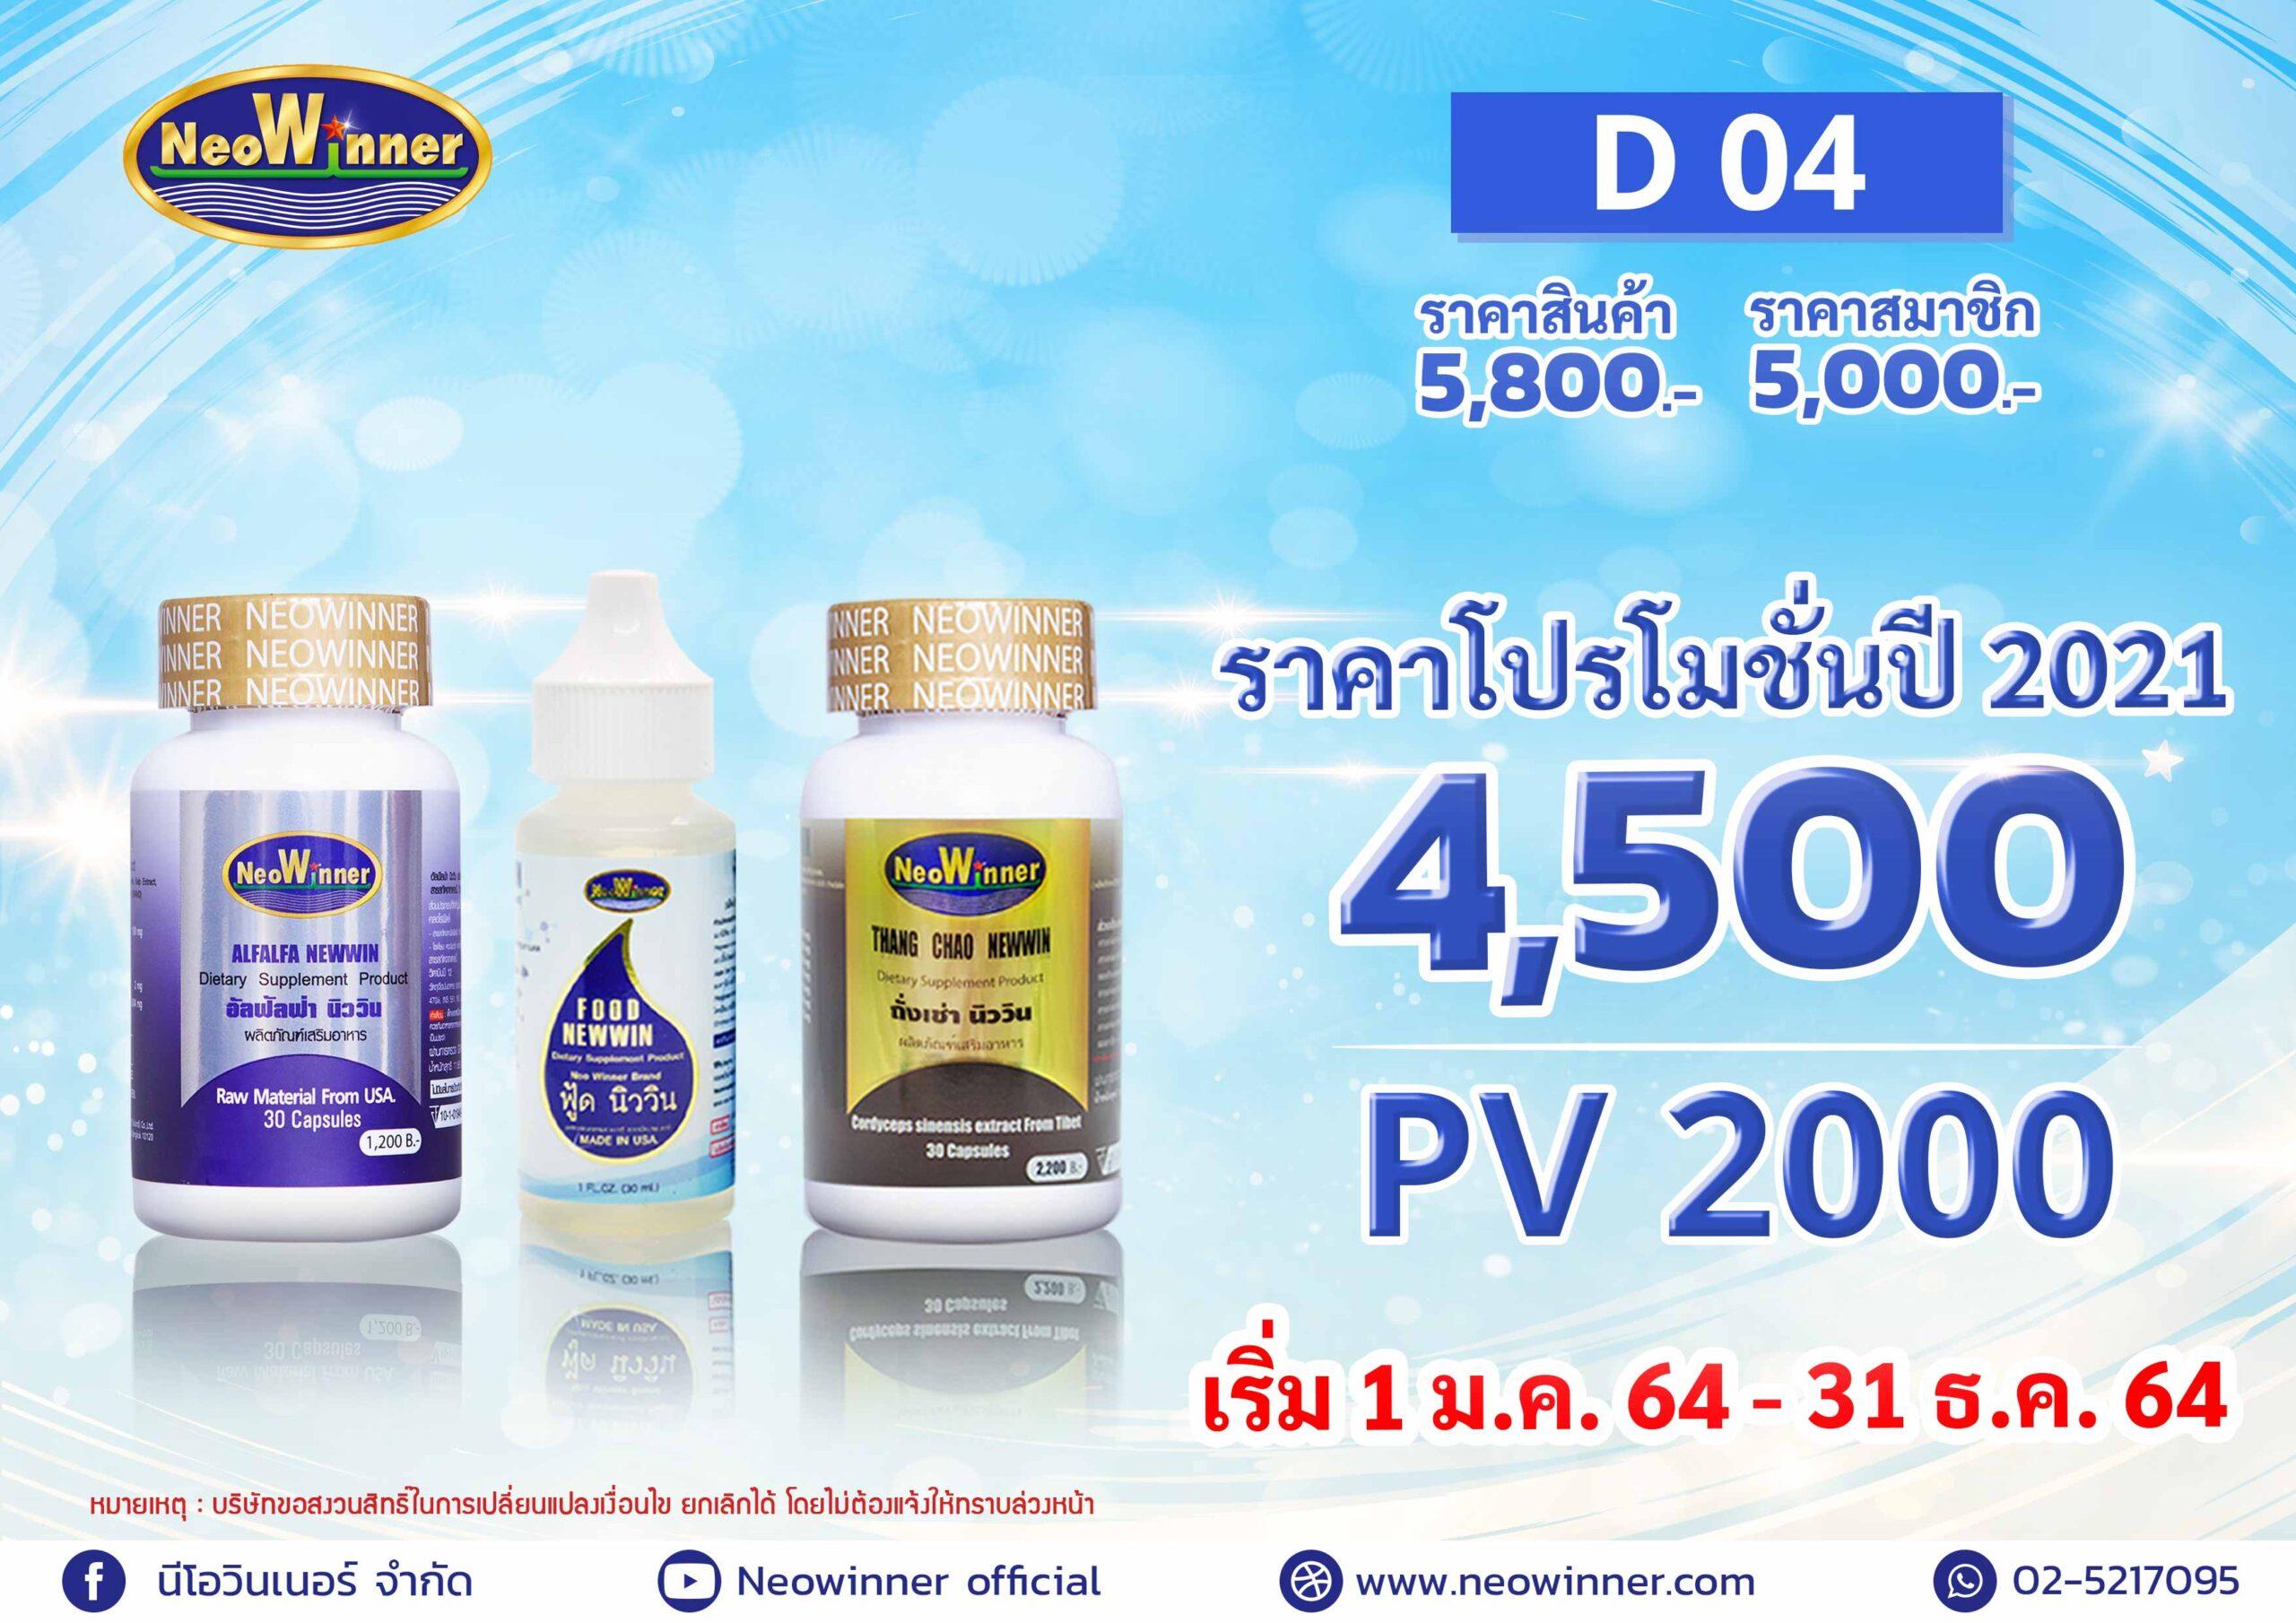 Promotion-D-04-2021